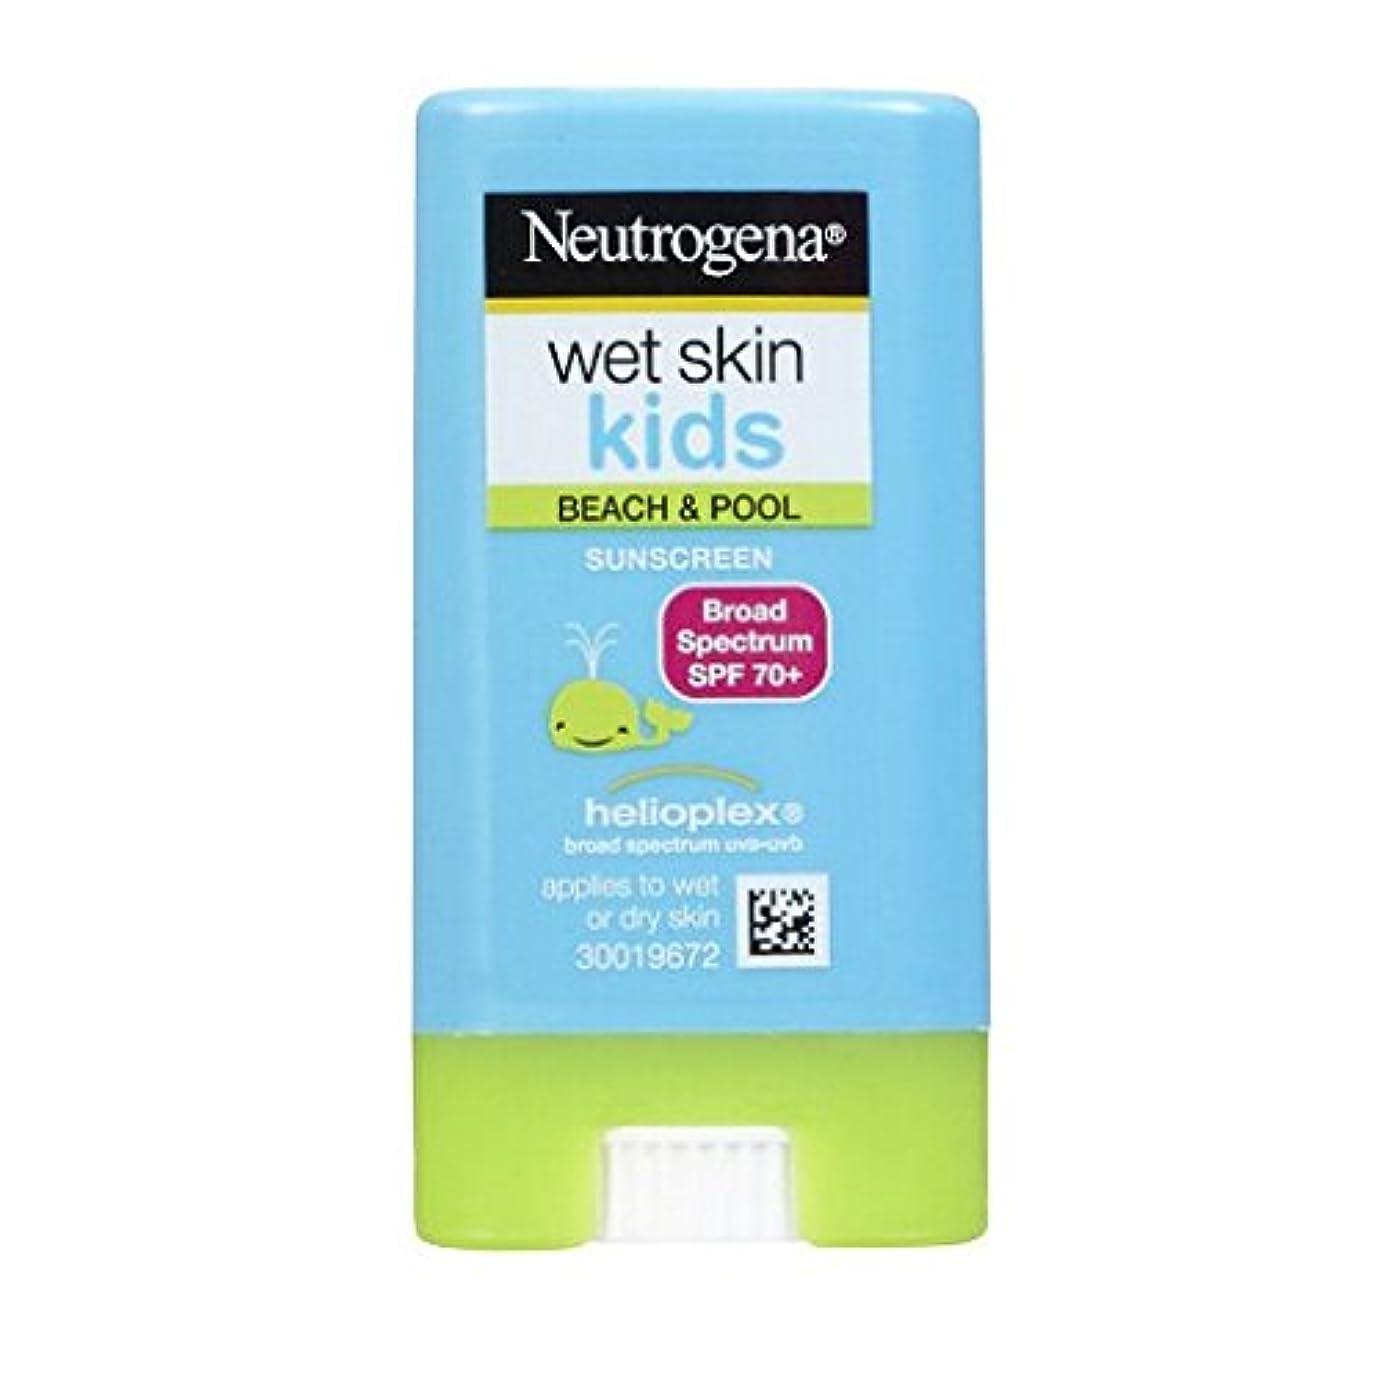 ポンド慈悲事前にニュートロジーナ サンスクリーン SPF70 小さな子にも塗りやすいスティックタイプ13g 100%ナチュラル処方 目にしみない日焼け止め 濡れた肌にもOK! ビーチやプールで大活躍 アメリカの皮膚科医が一番に勧めるサンスクリーン Neutrogena Wet Skin Kids Beach & Pool Sunscreen Stick Broad Spectrum SPF 70, .47 oz [並行輸入品]